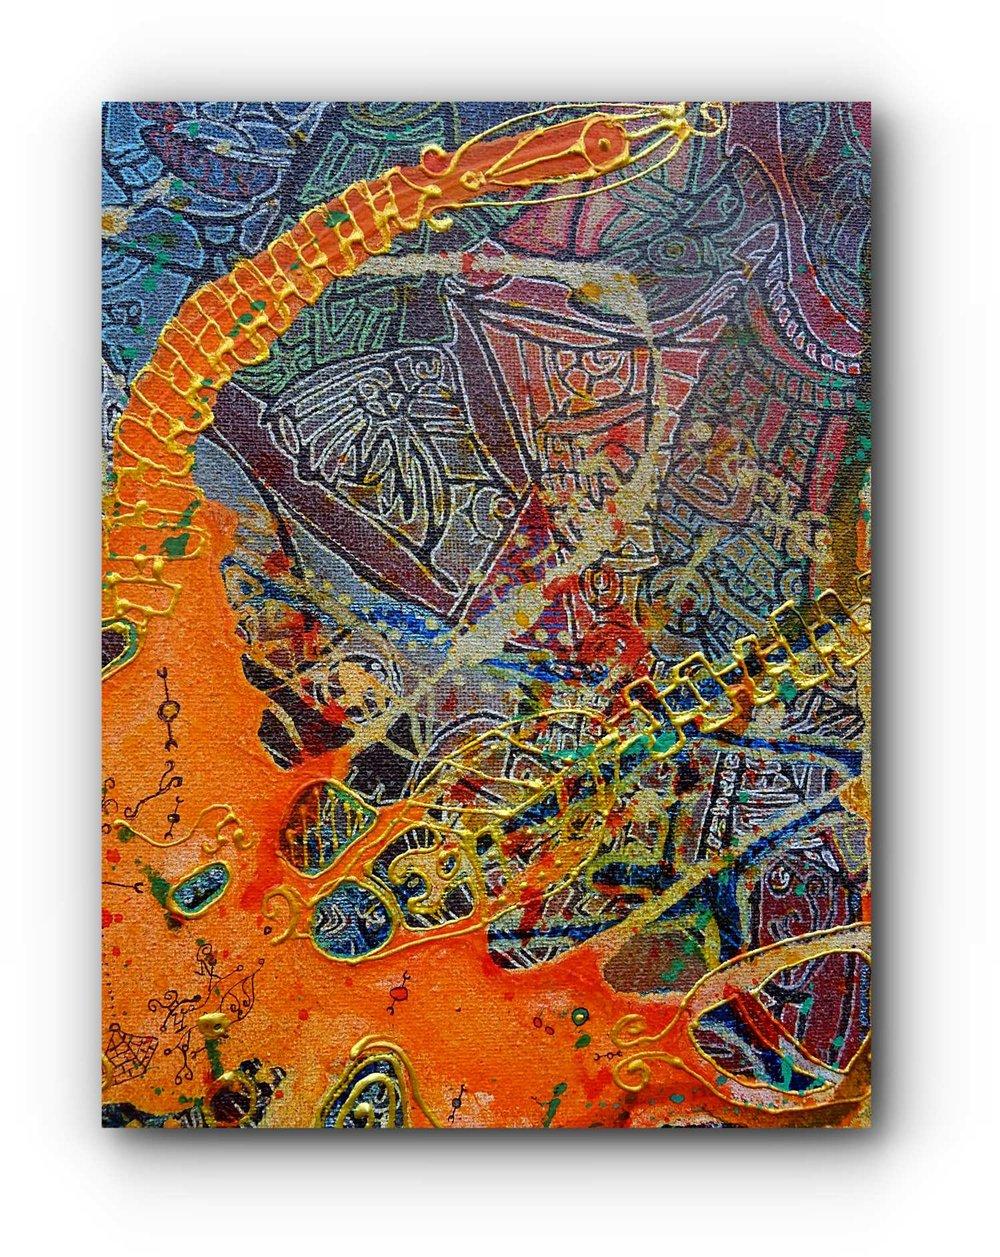 painting-detail-1-metaphysics-venus-ingress-vortices.jpg